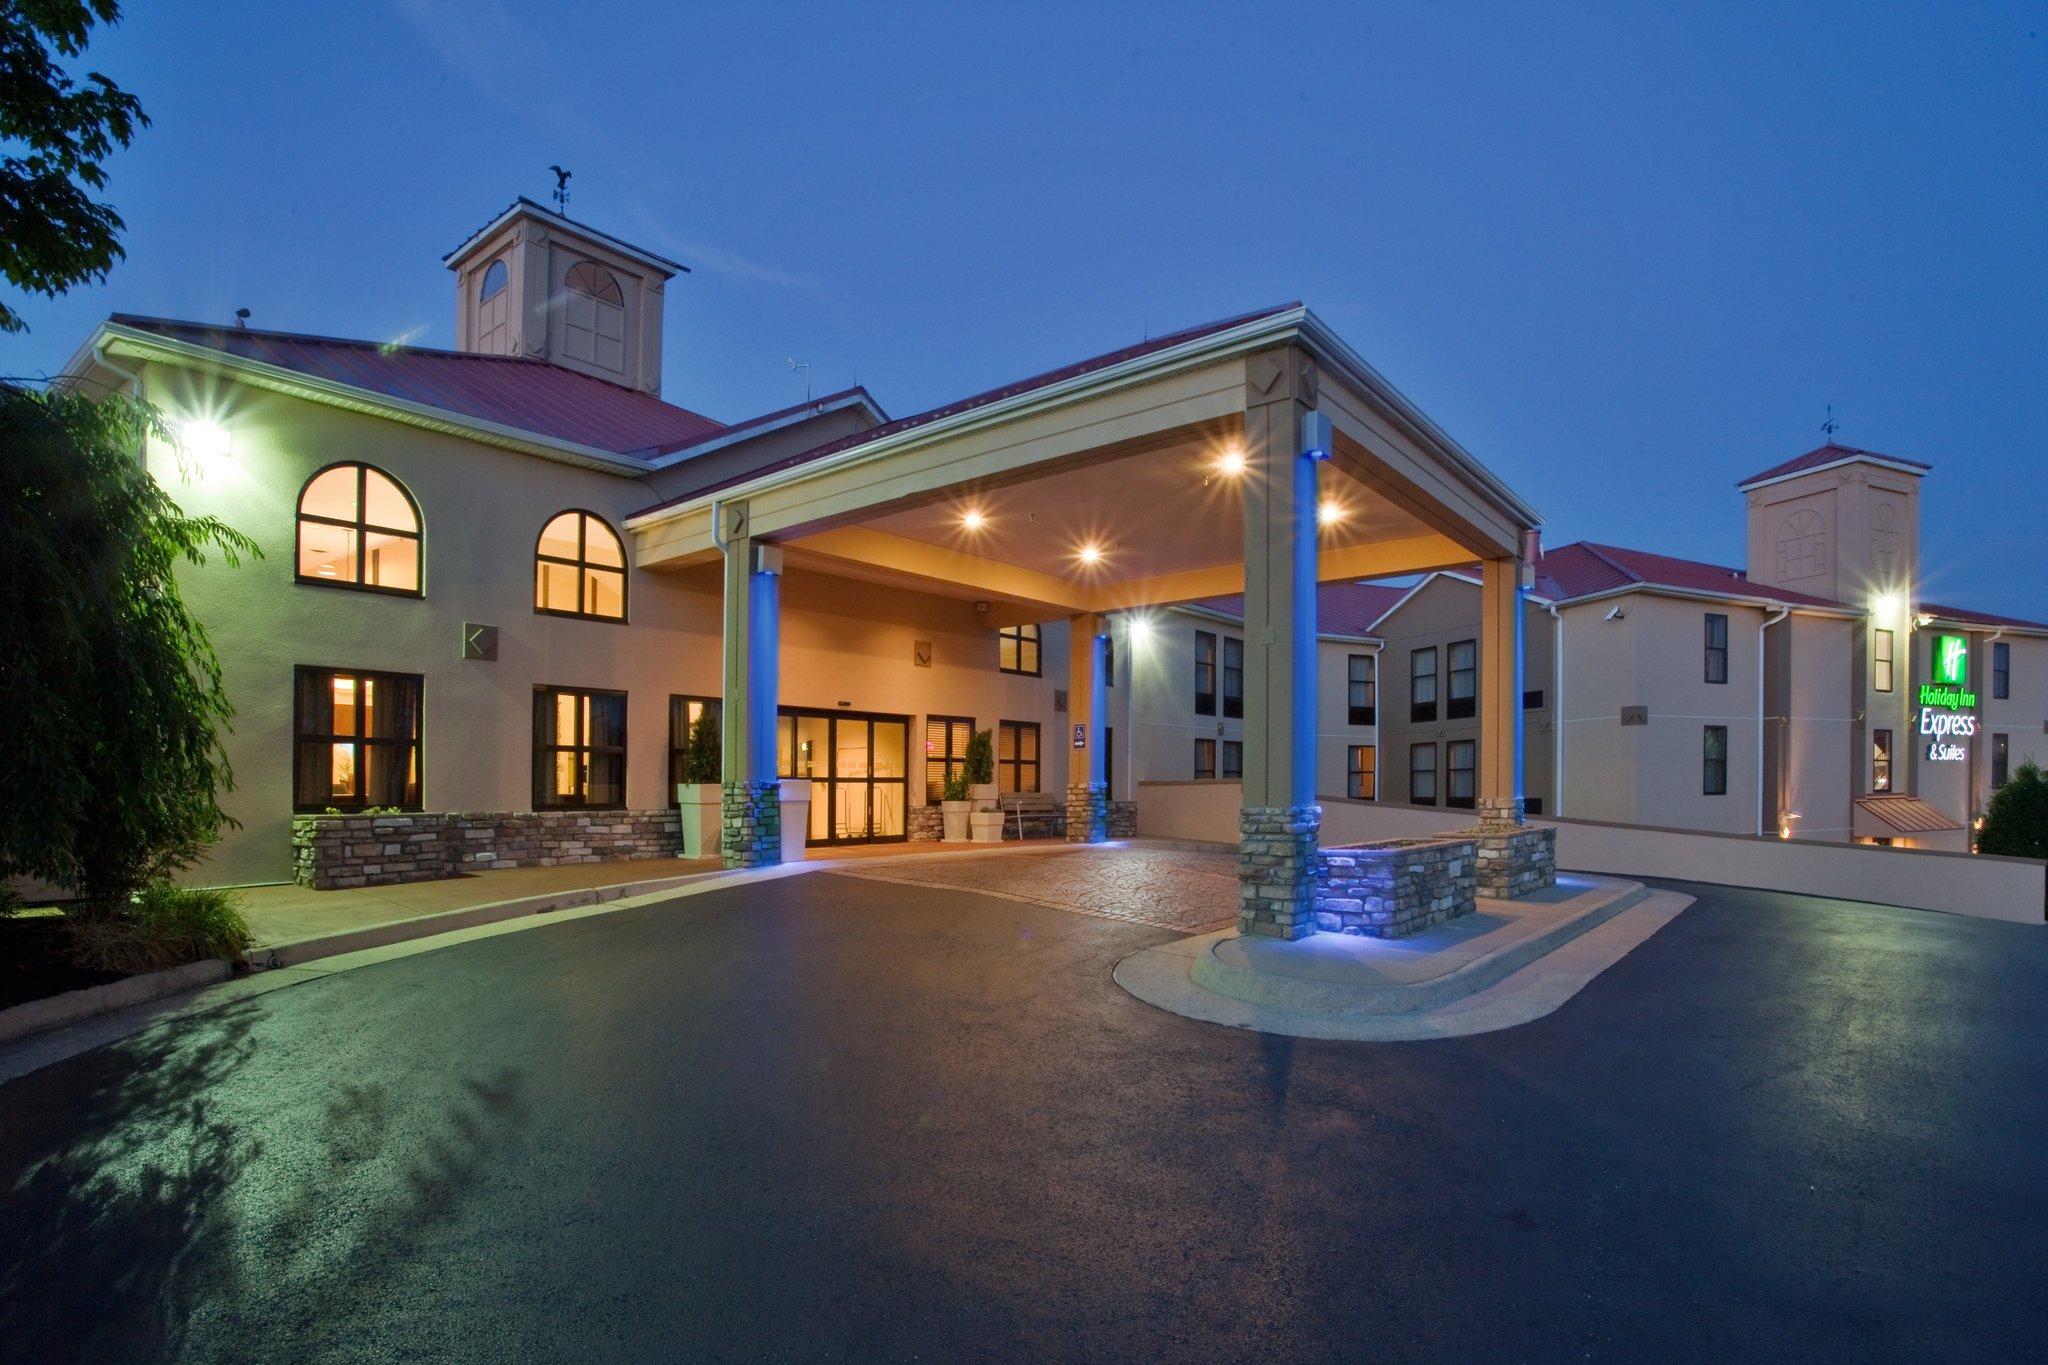 ホリデー イン エクスプレス ウェインズボロRt.340 ホテル